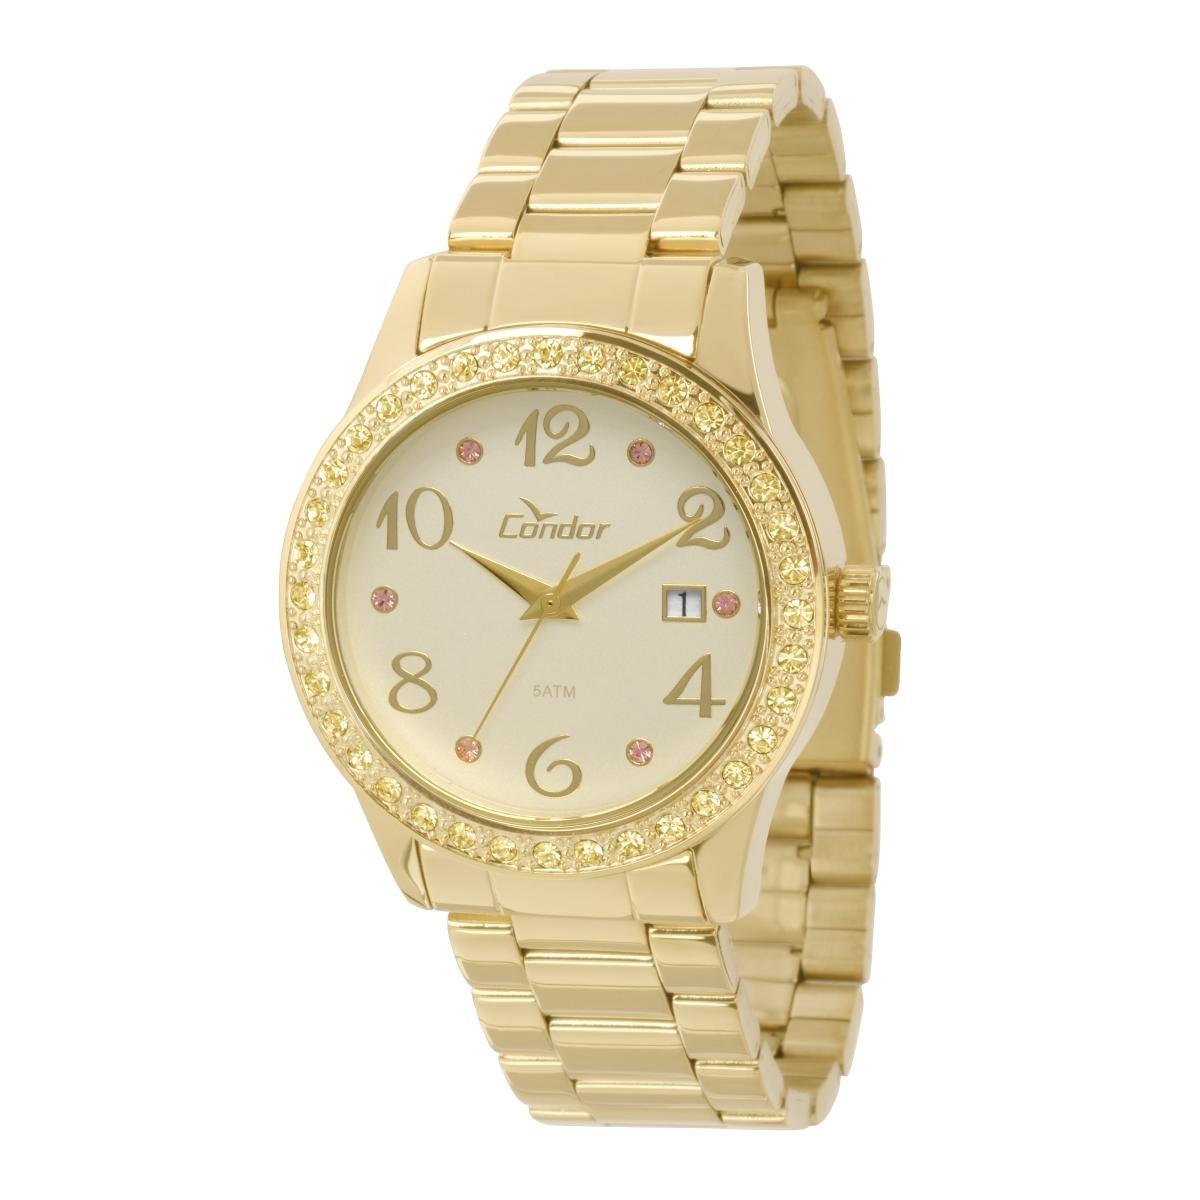 Relógio Feminino Condor Co2115tu 4x Pulseira Aço Dourada - R  91,95 ... 98ce62df12